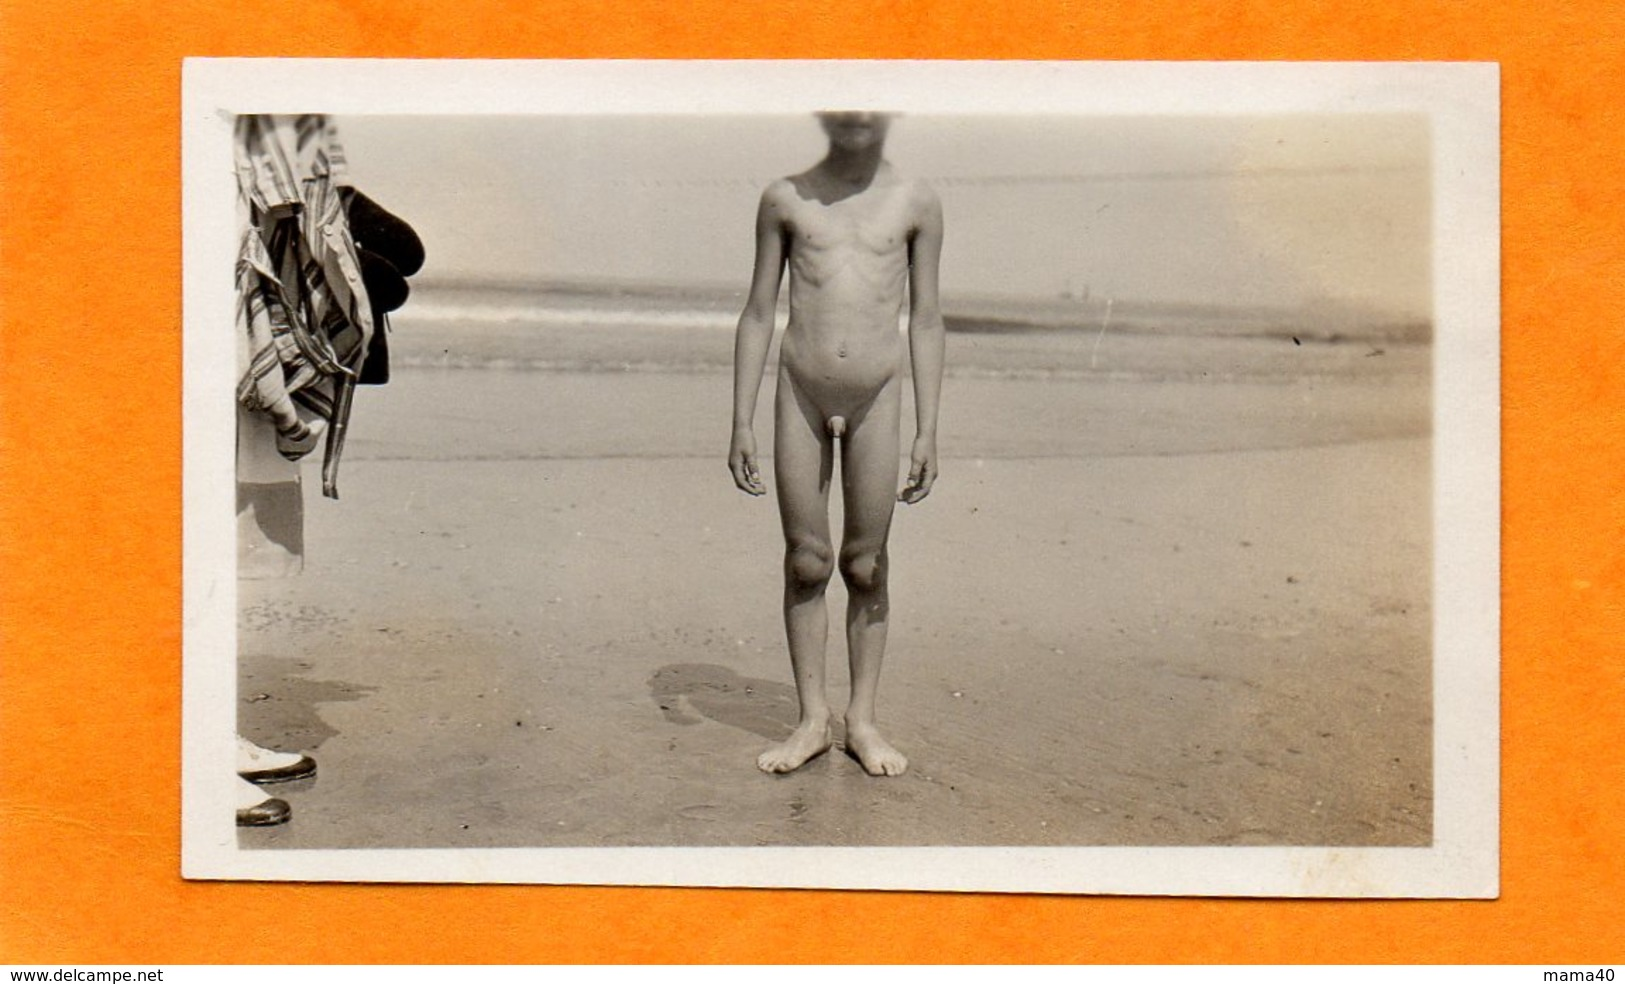 PHOTO - NATURISTE - NATURISME SUR LA PLAGE - JEUNE GARCON NU EN BORDURE DE MER - Personnes Anonymes